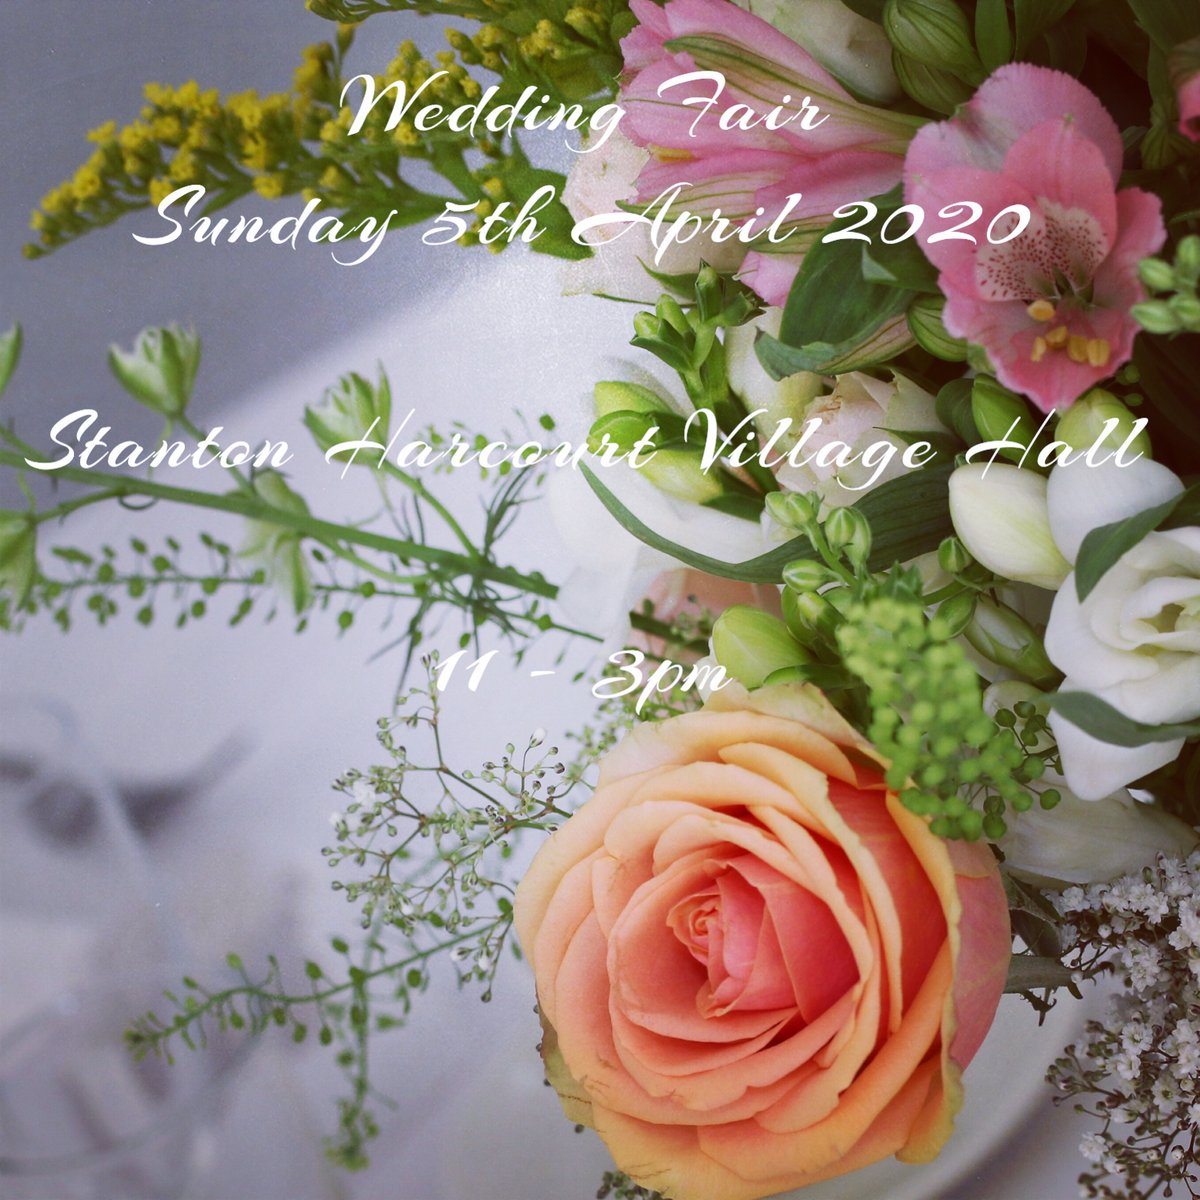 #weddingdress #weddingphotography #weddinginspiration #weddingcake #weddinghair #weddingday #bridetobe #weddingfair #weddingmakeup #weddingrings #weddingcatering #mobilebar #weddingplanner #weddingbells #weddingflowers #weddinginvitations #weddingideas